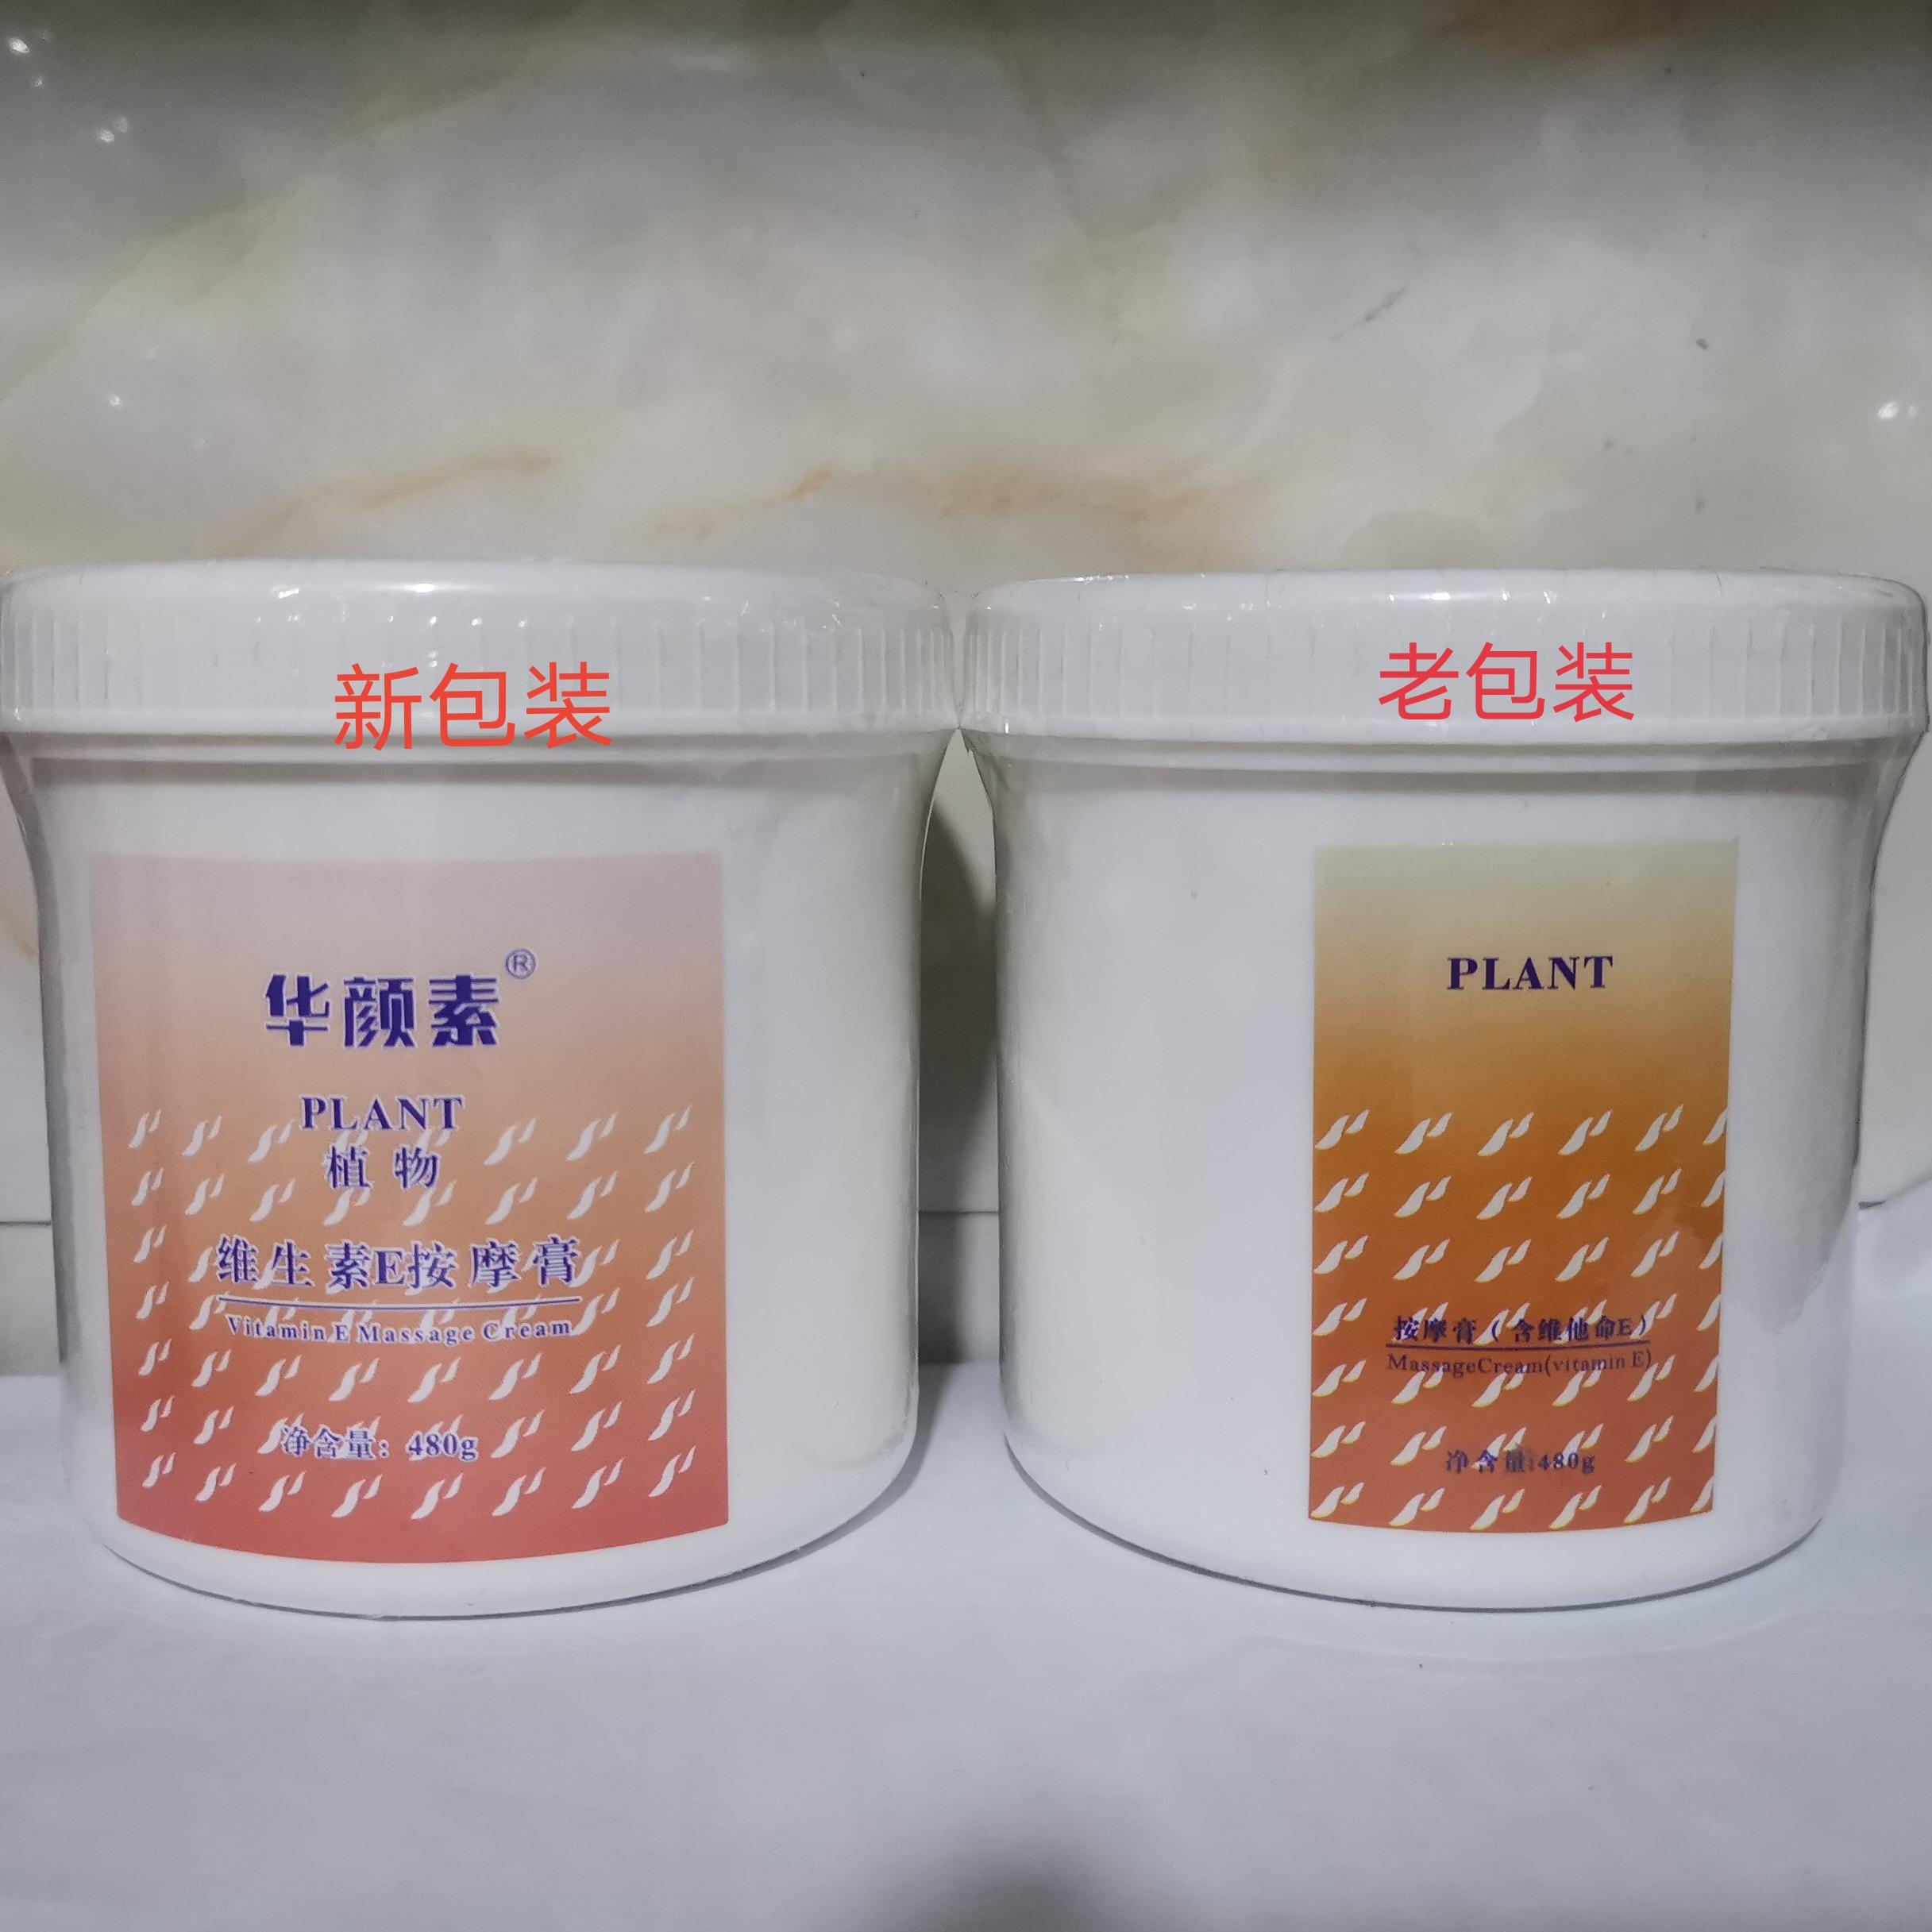 Hong Kong Huadu hospital genuine vitamin E massage cream 480g facial nourishment